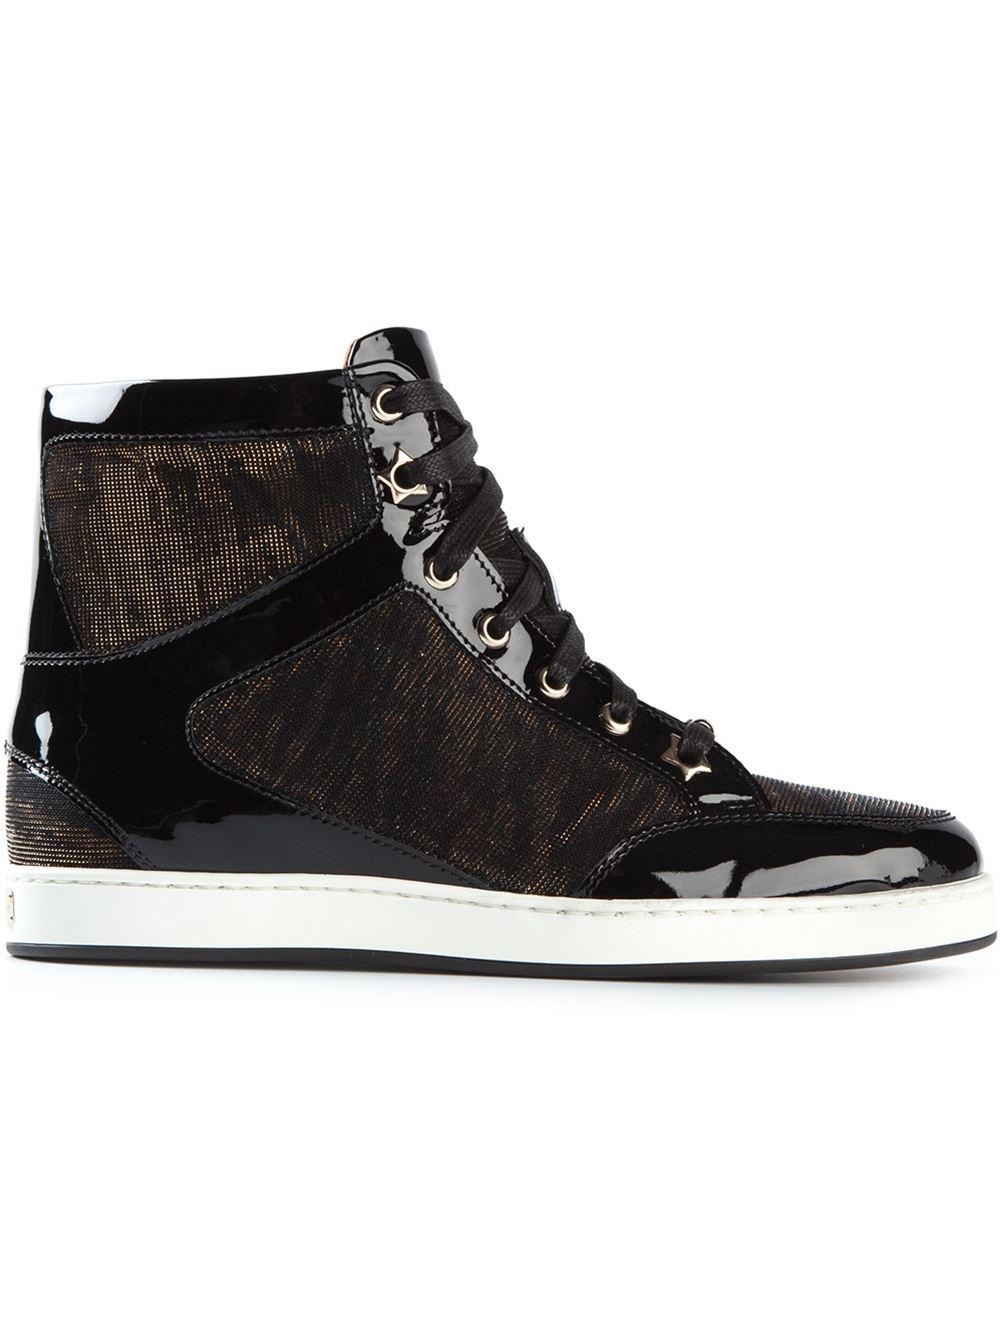 jimmy choo 39 tokyo 39 hi top sneakers in black lyst. Black Bedroom Furniture Sets. Home Design Ideas